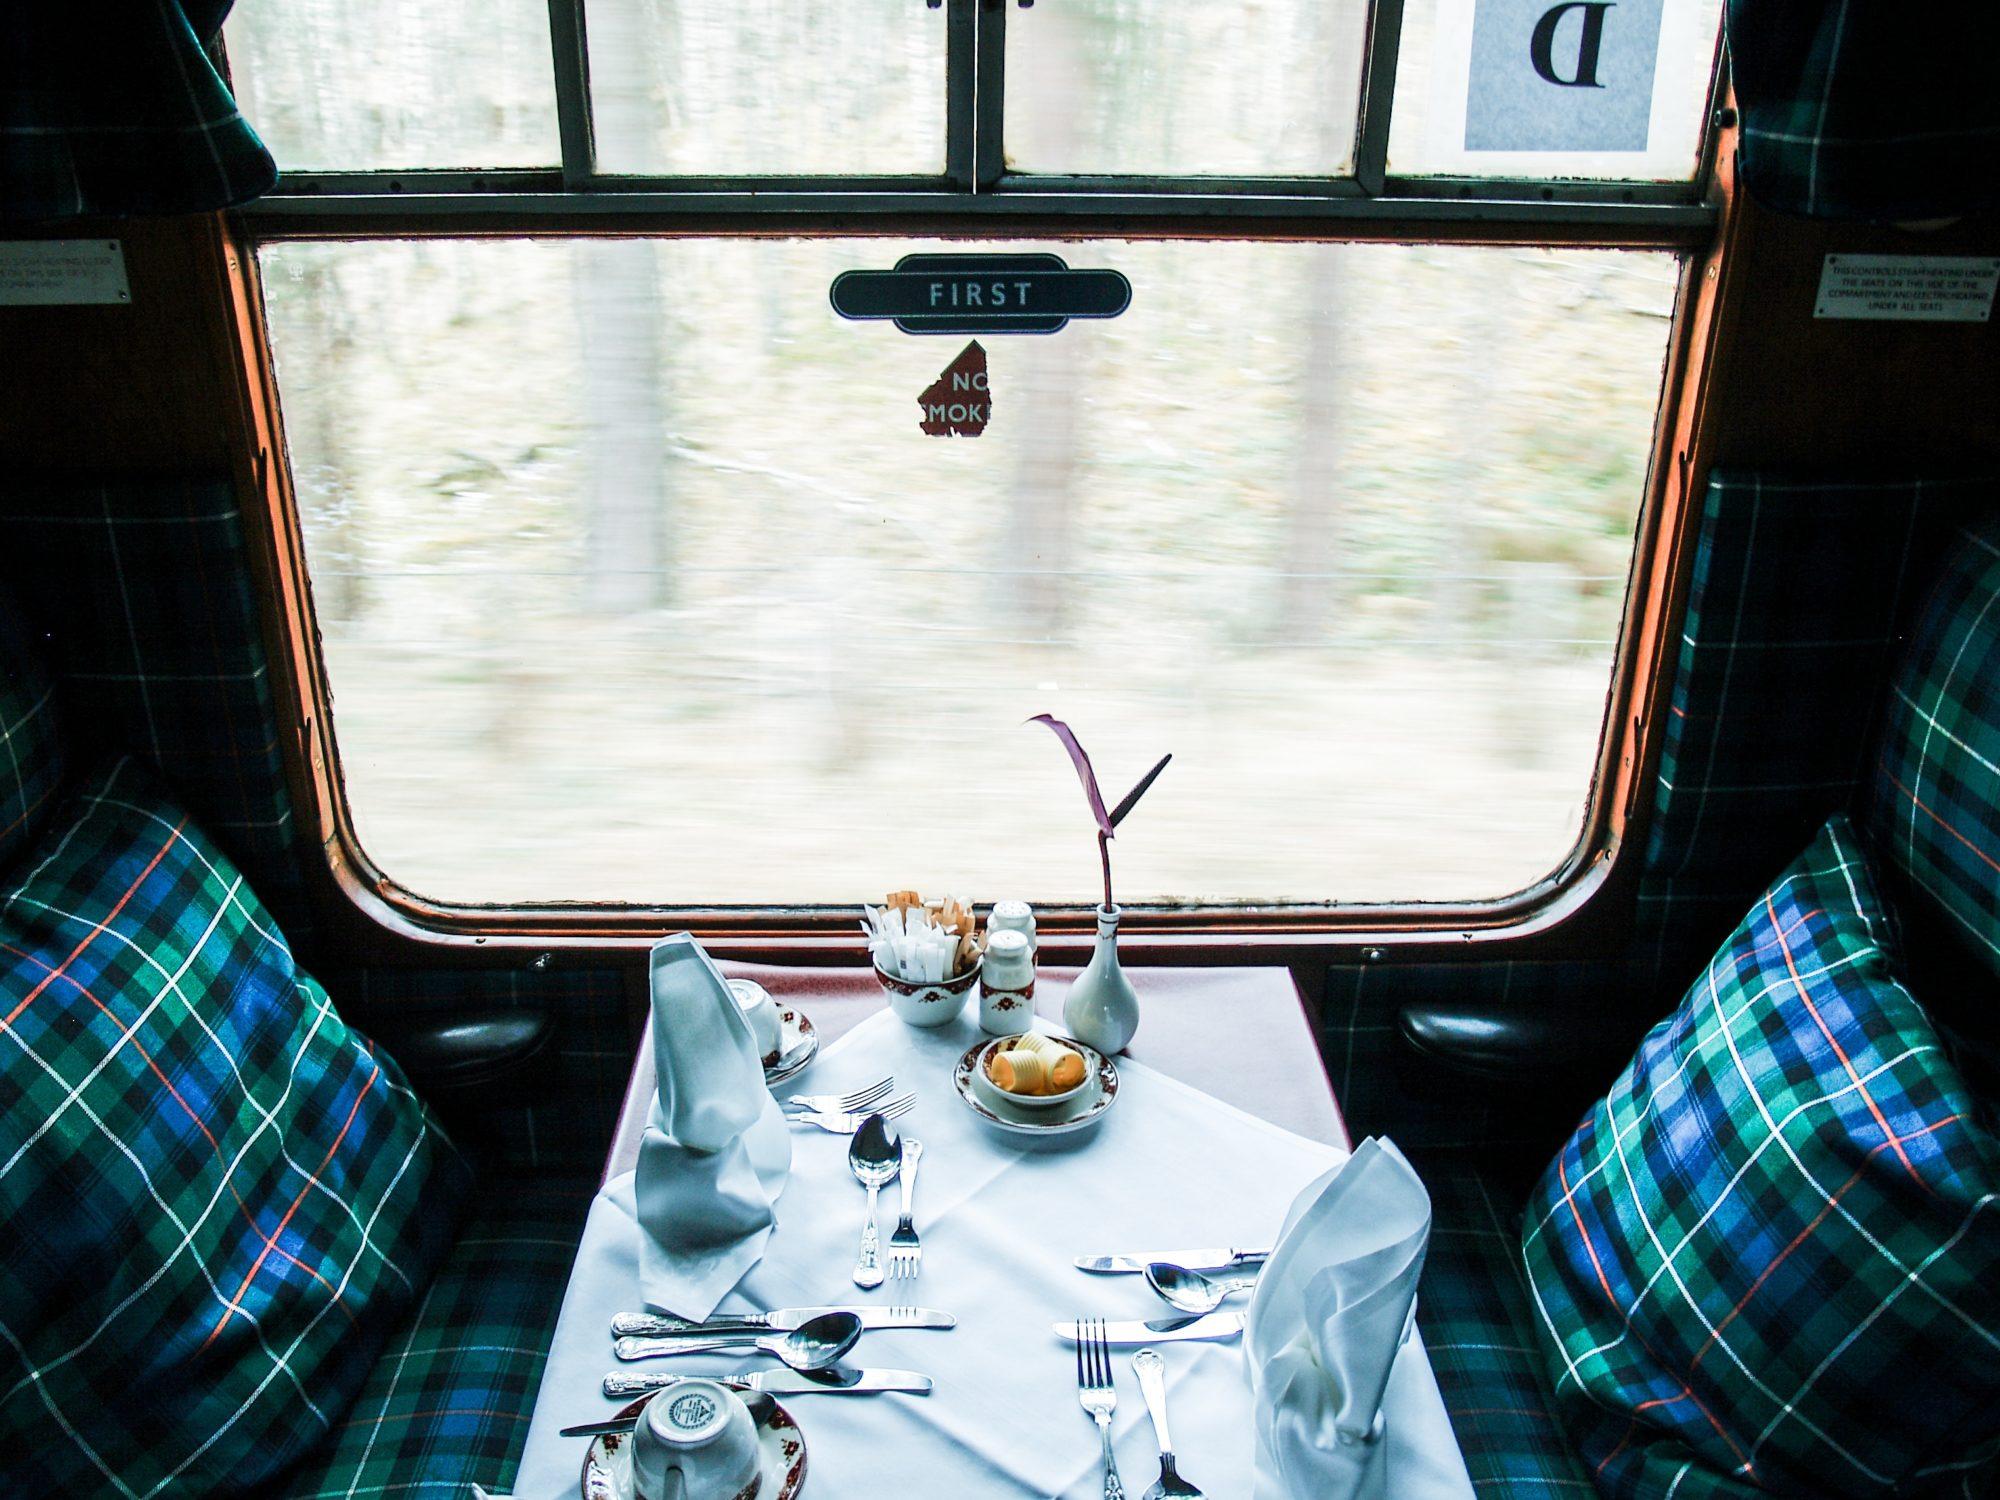 Bild von einem Speisewagen in einem Zug mit Gedeck